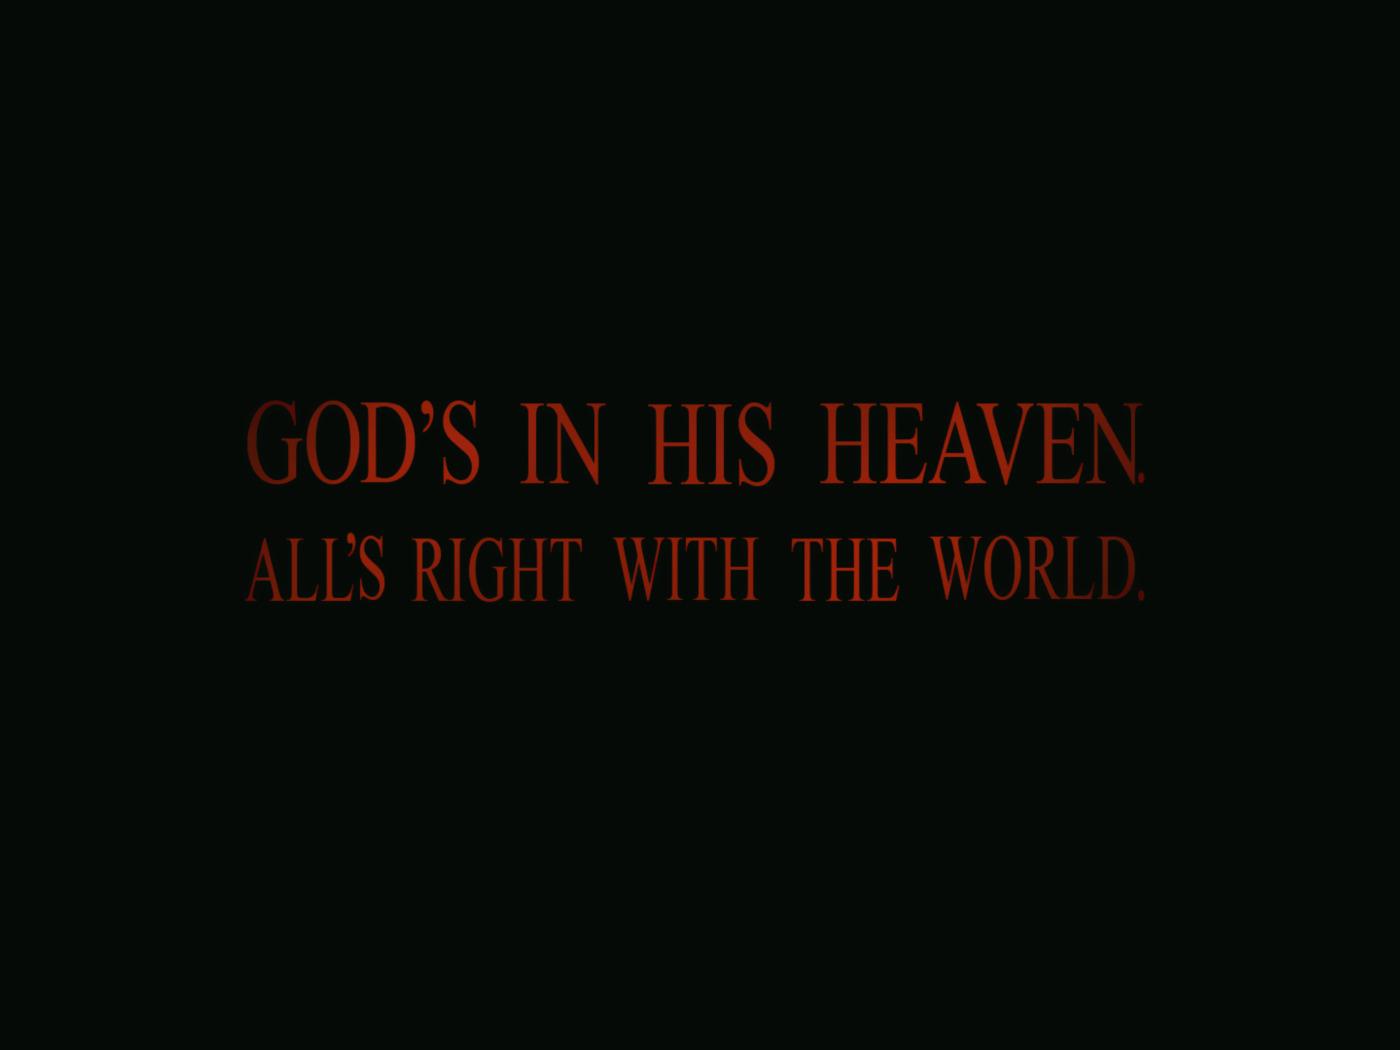 gods-in-his-heaven.jpg